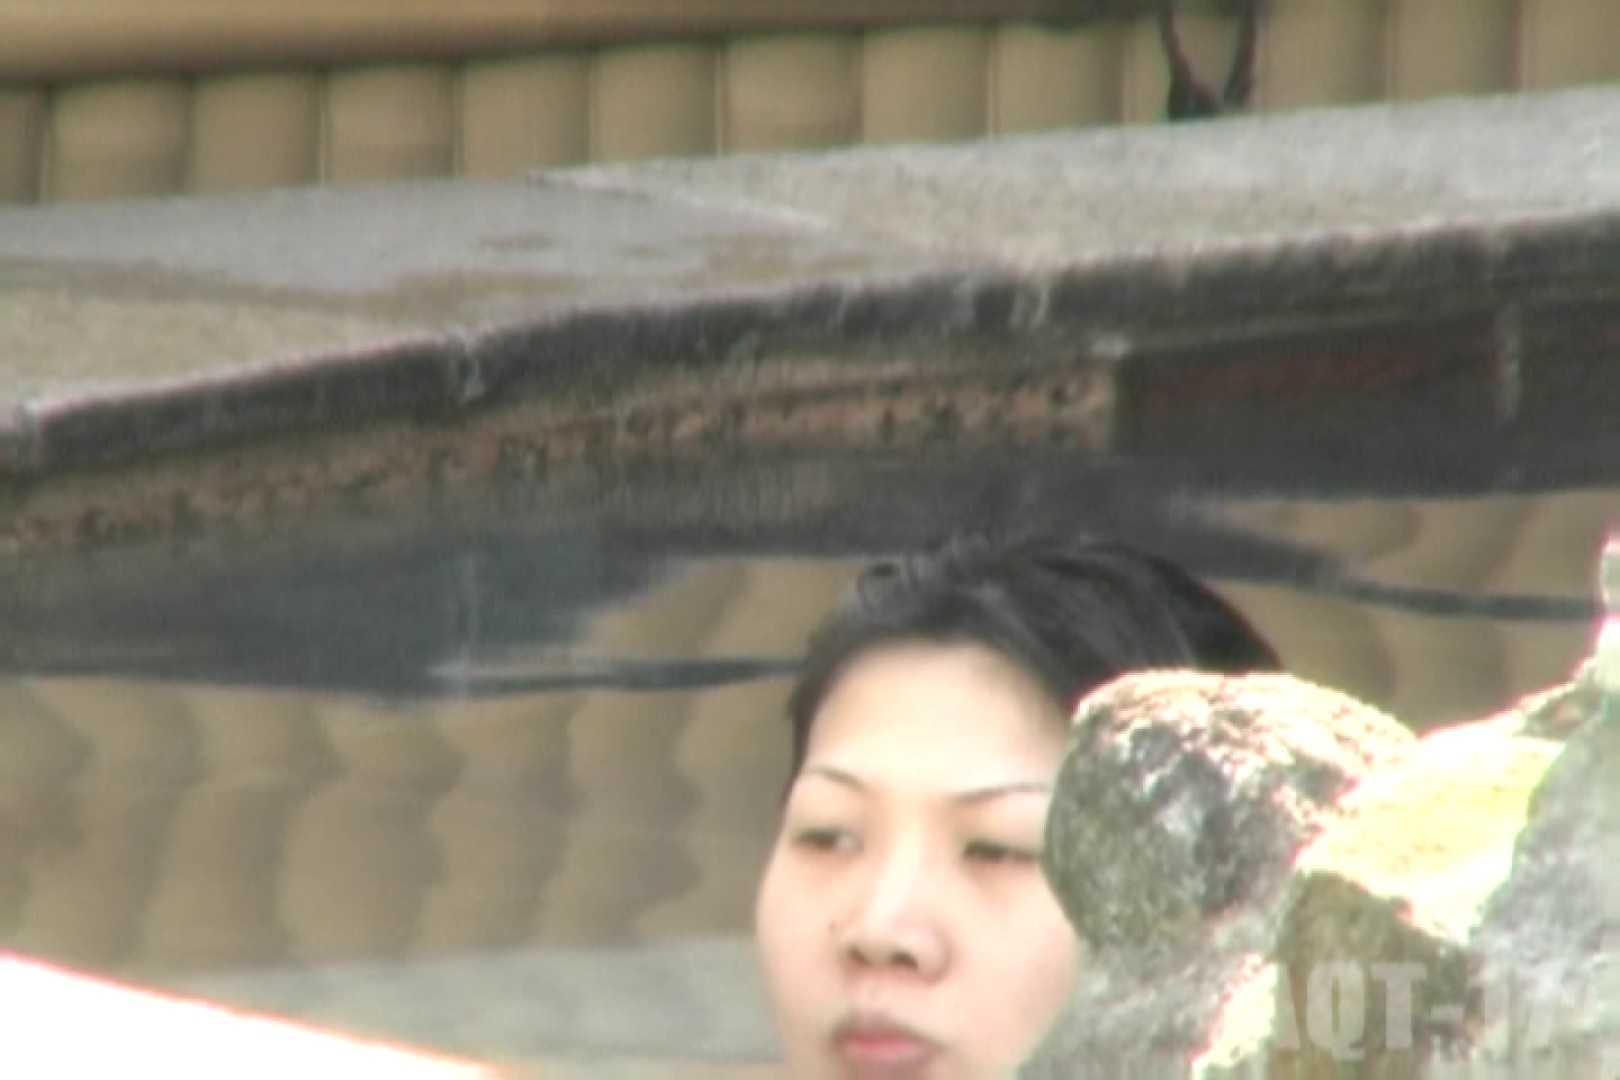 Aquaな露天風呂Vol.850 綺麗なOLたち | 盗撮  72枚 25